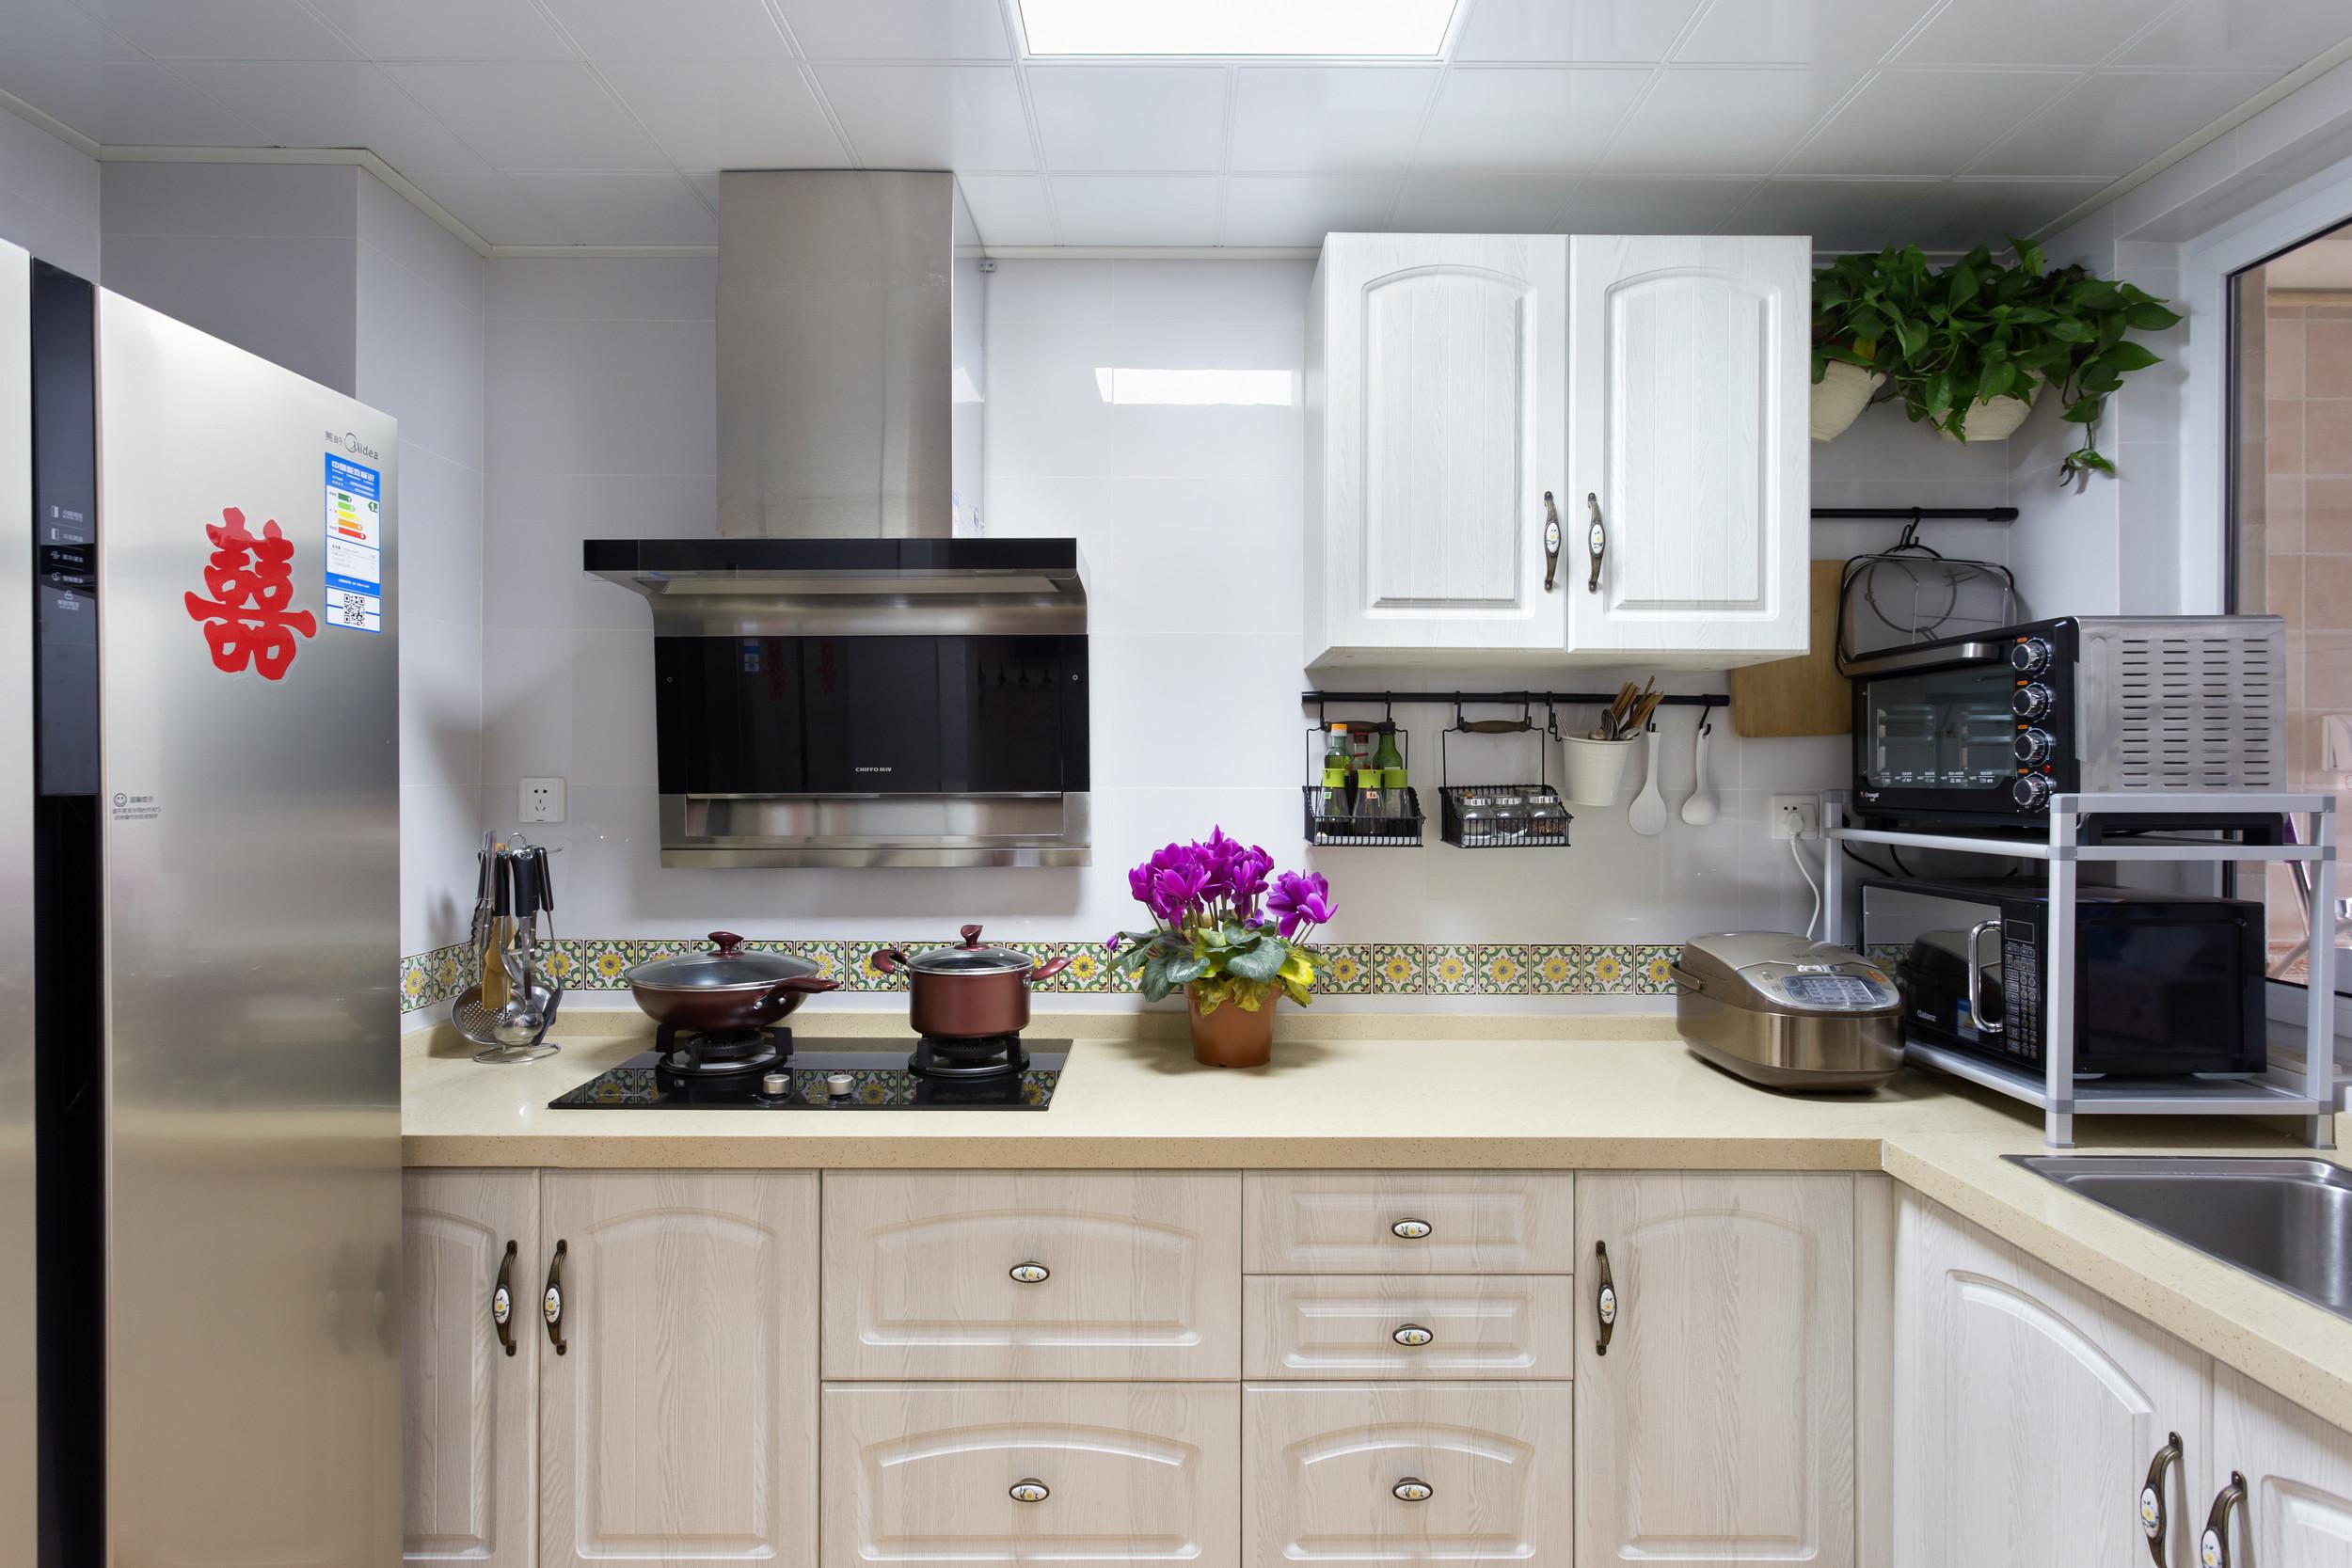 80㎡小美式三居装修厨房设计图